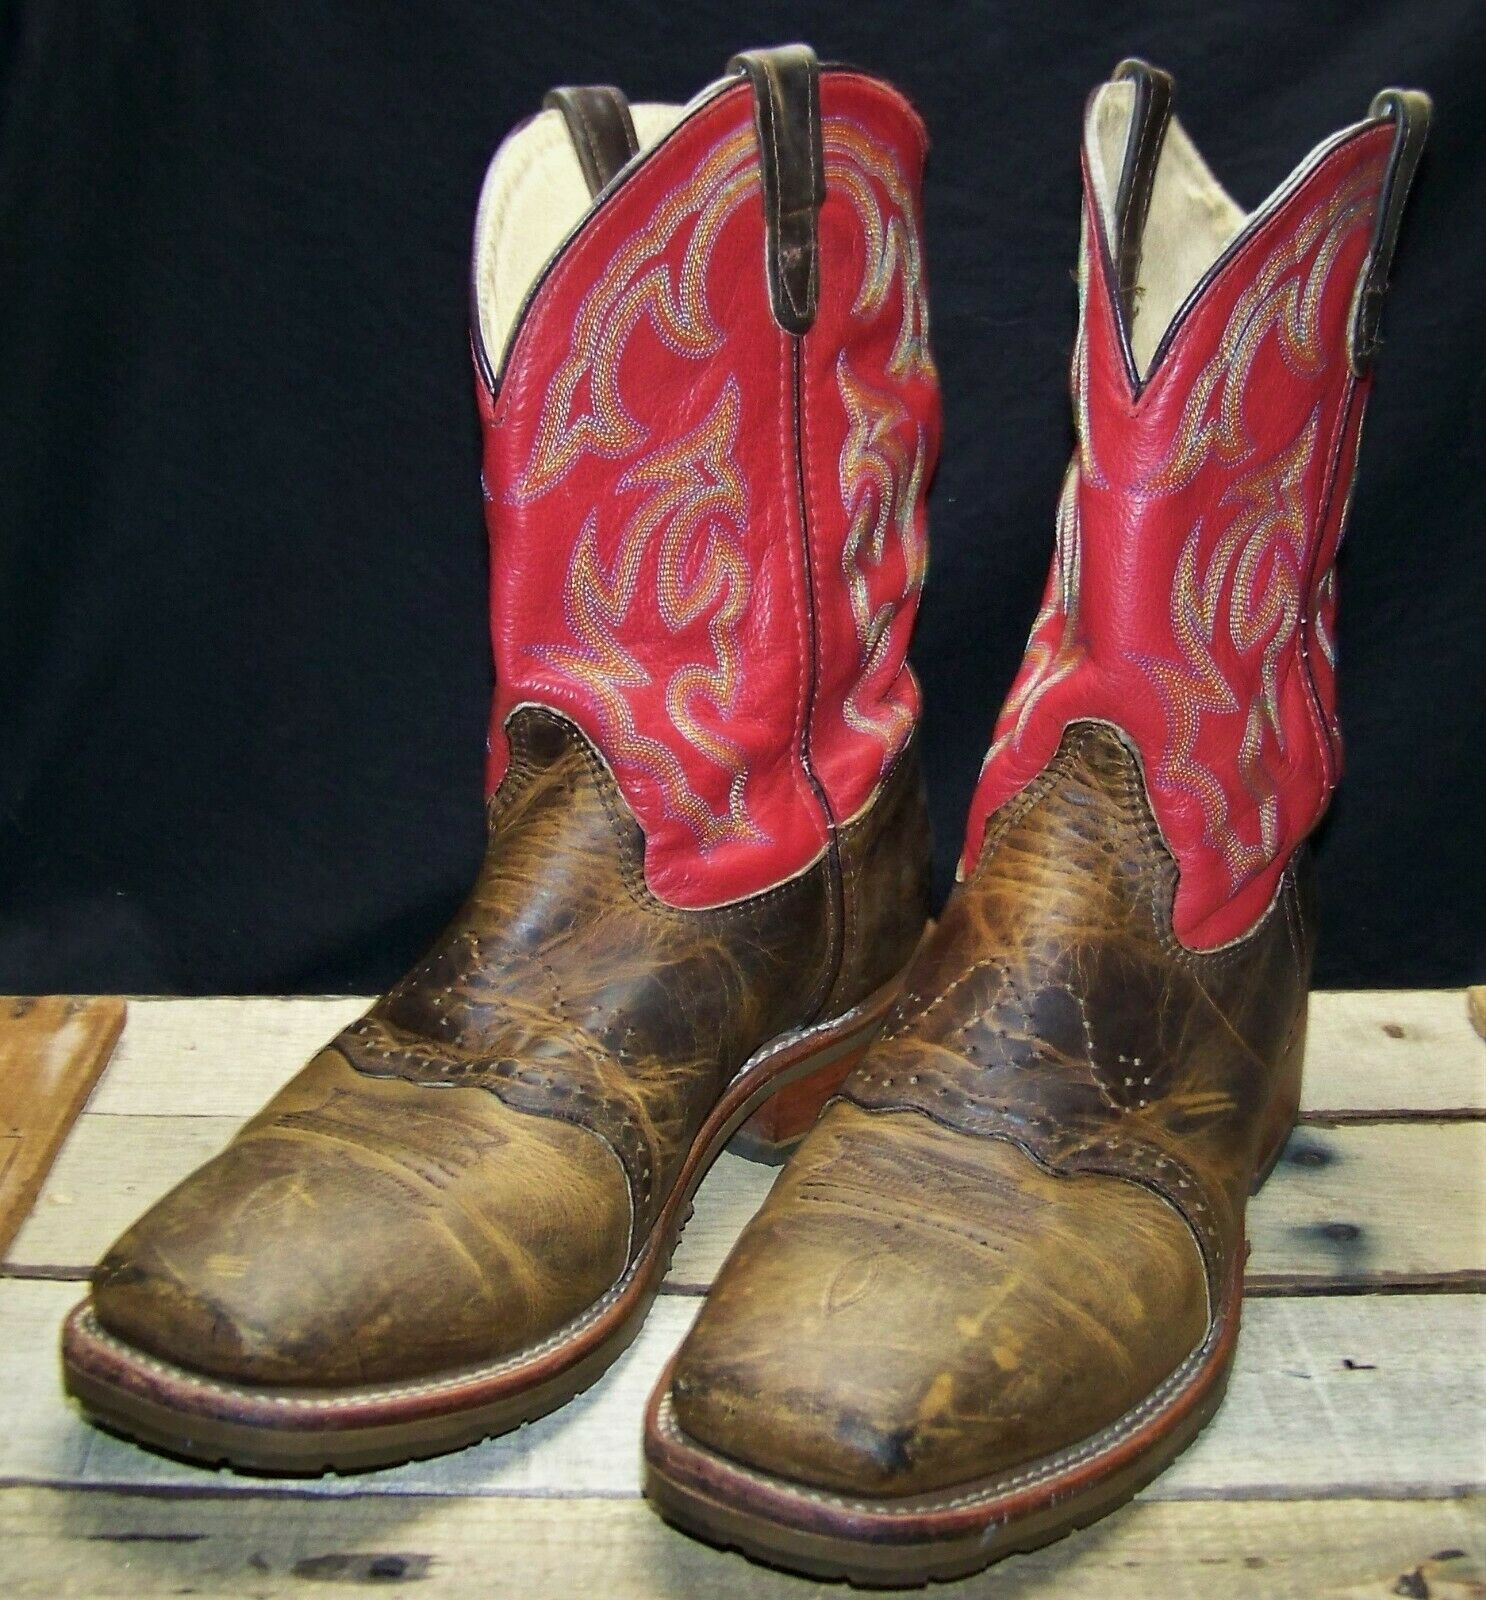 Men's Double H Cowboy Boots (13D brown/red)